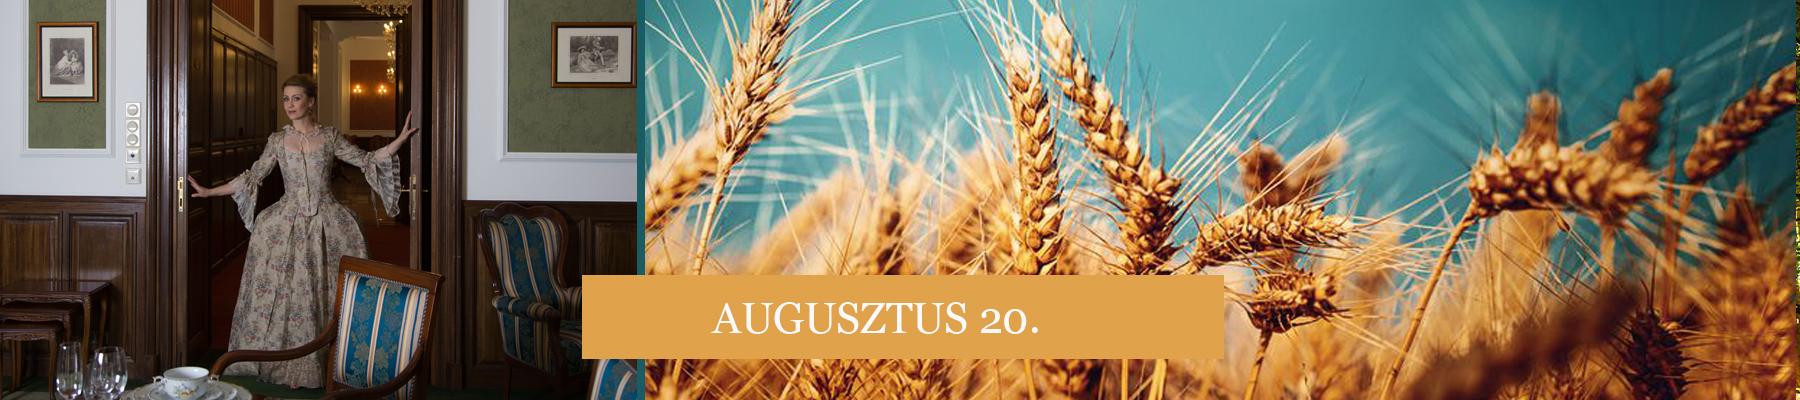 augusztus-20_2019_kastely_itthon